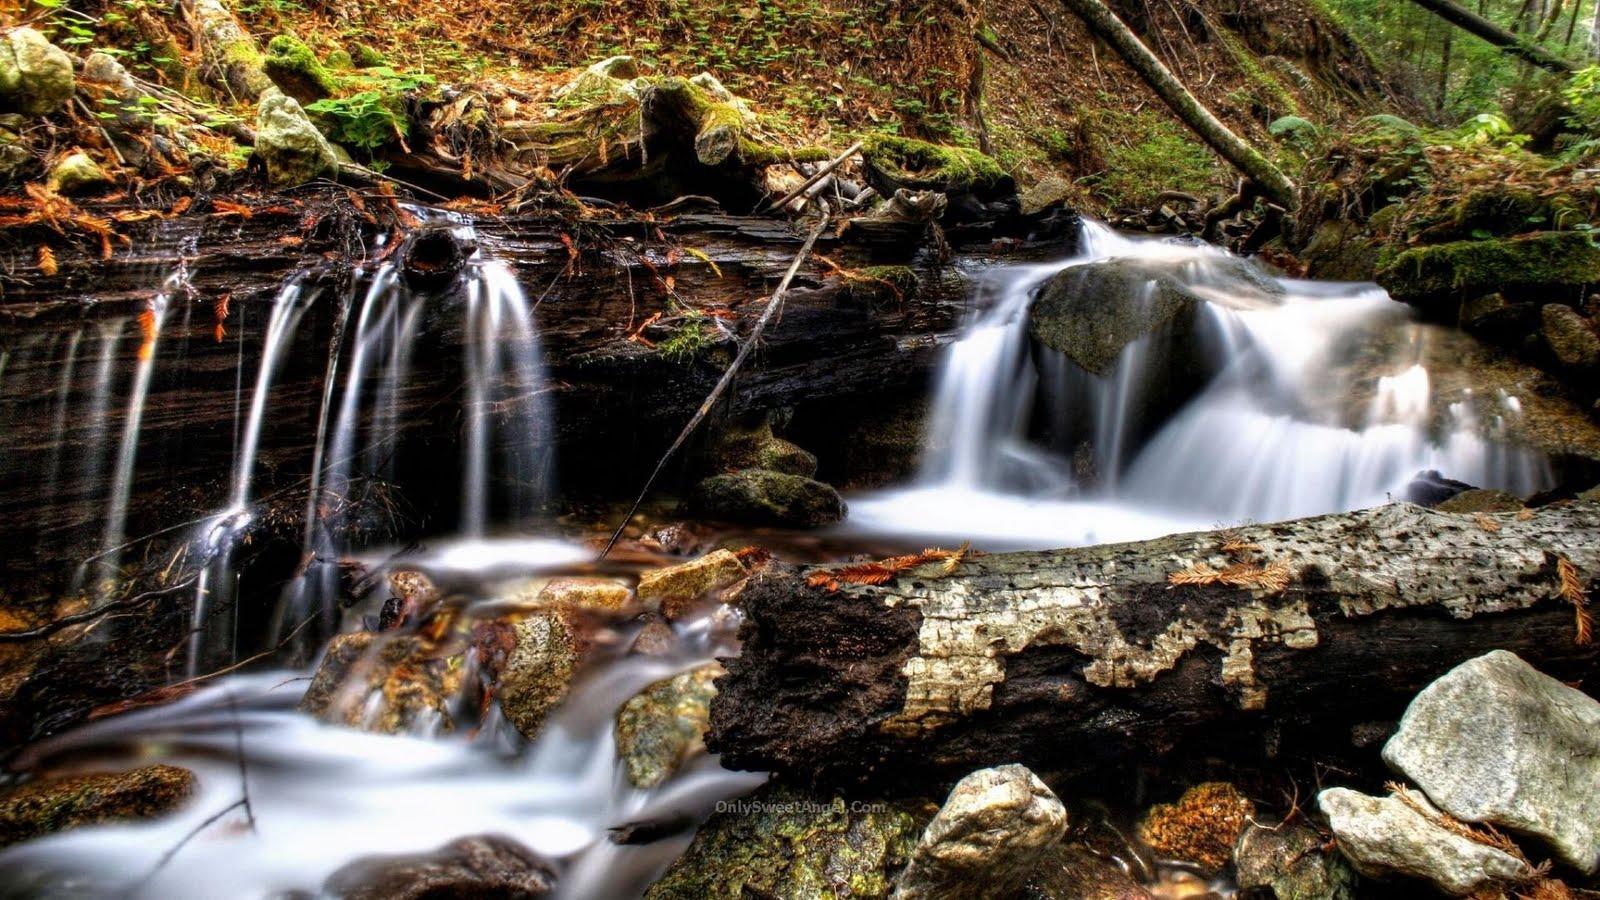 http://2.bp.blogspot.com/_T61BkxQ8qyk/TTQoFvGFh2I/AAAAAAAAB_w/wOXfdp_ukpM/s1600/nature_wallpaper_9_01.jpg